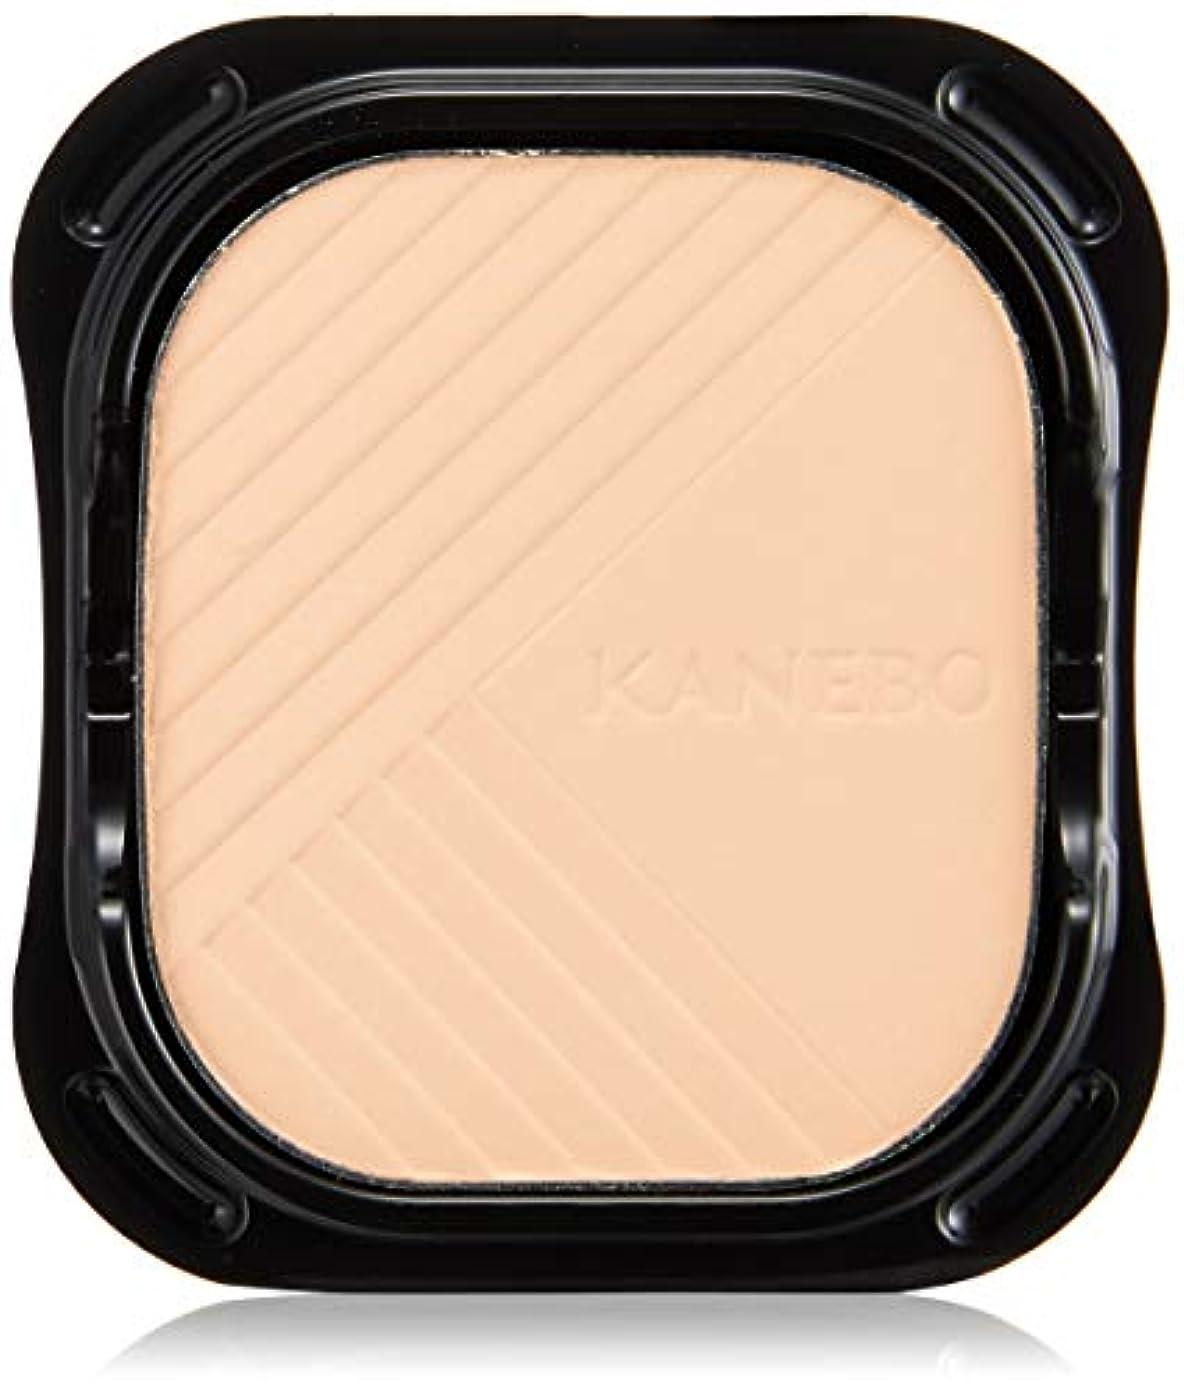 ヘッドレスそれる胚KANEBO(カネボウ) カネボウ ラスターパウダーファンデーション オークルB SPF6/PA++ ファンデーション(パクト)